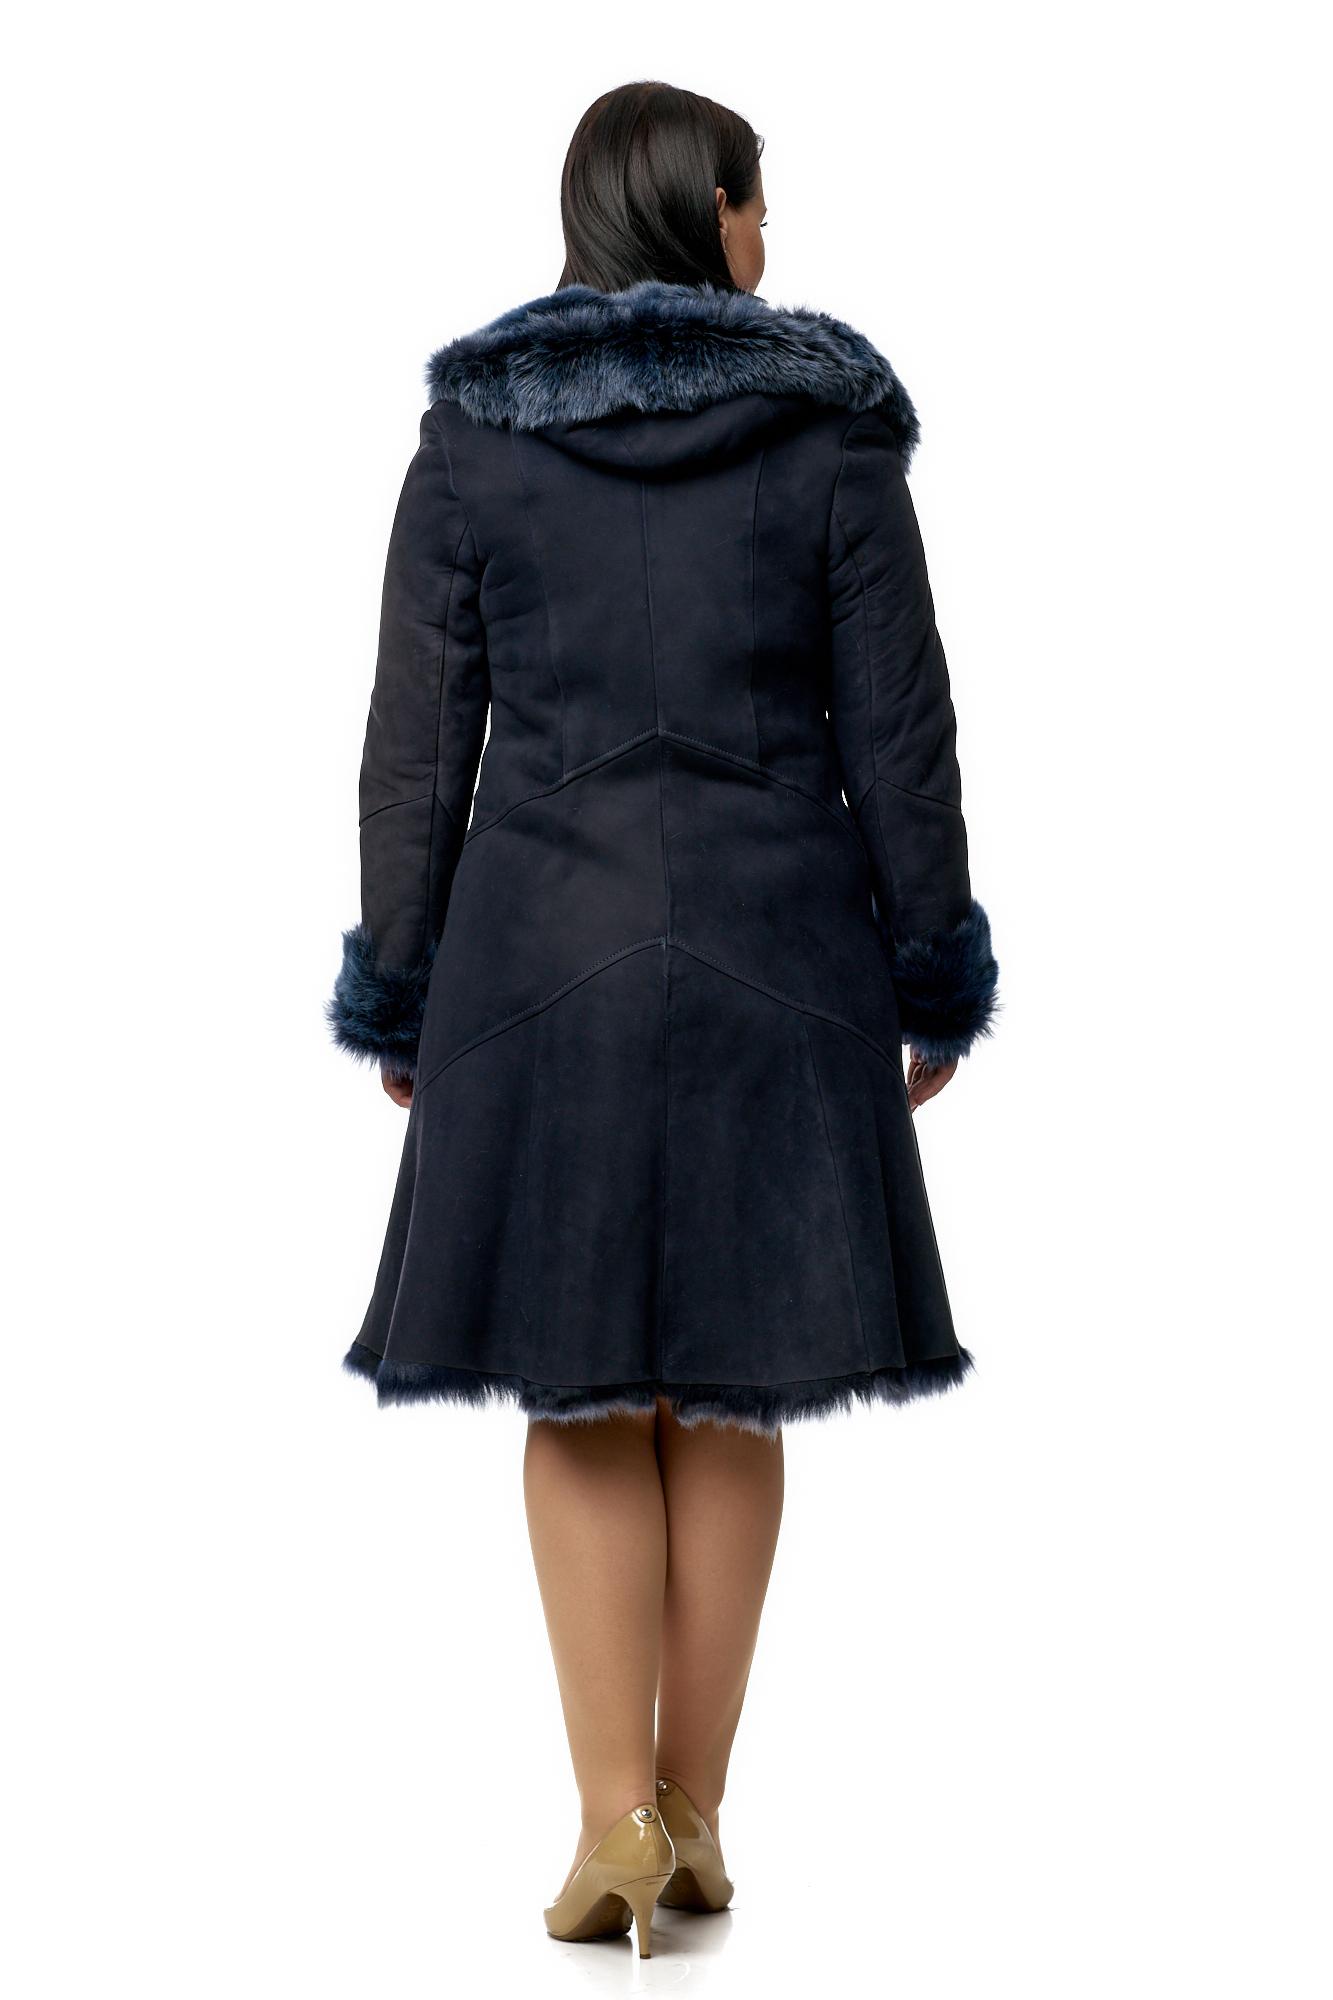 Дубленка женская из натуральной овчины с капюшоном фото 2